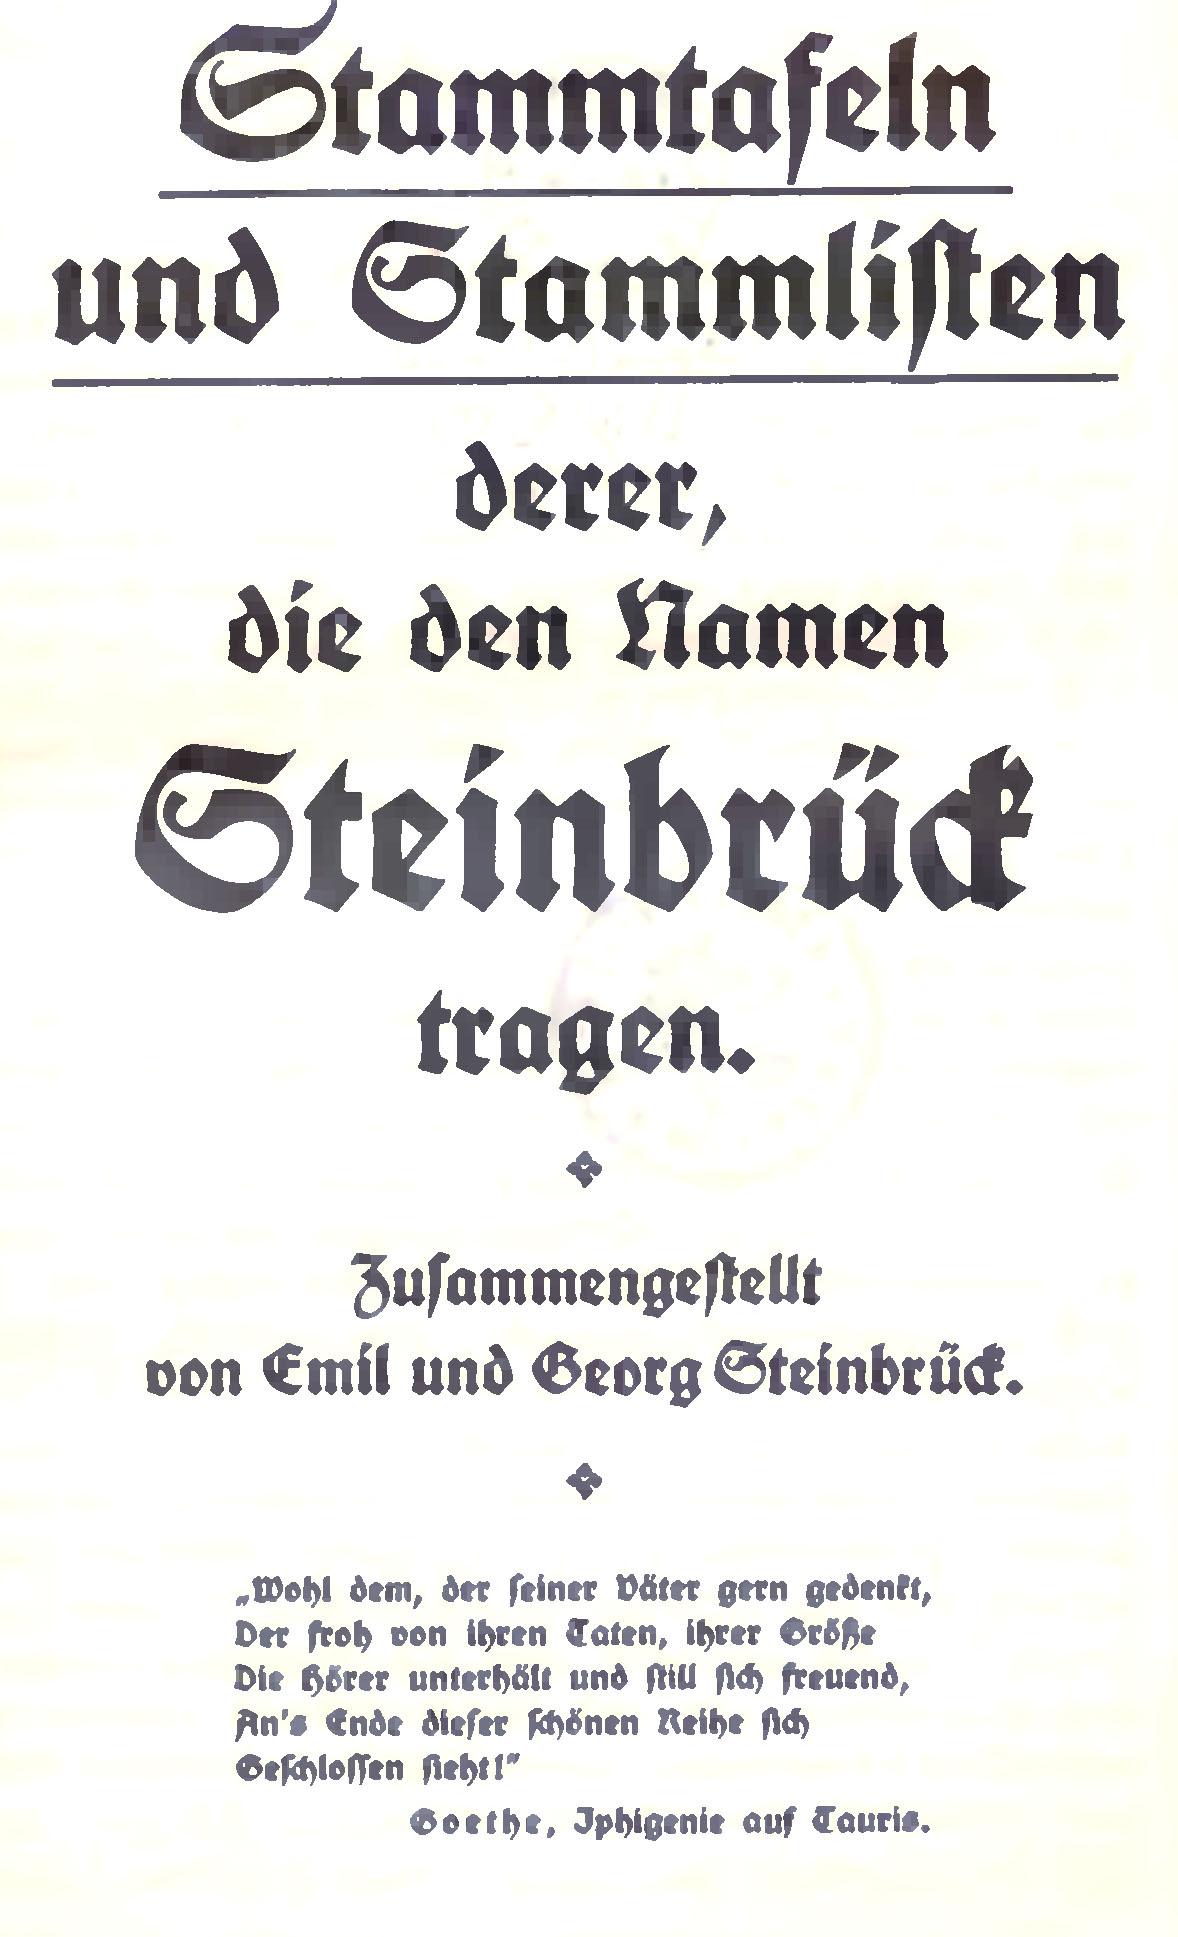 Titelblatt der Steinbrück'schen Familiengeschichte von 1912